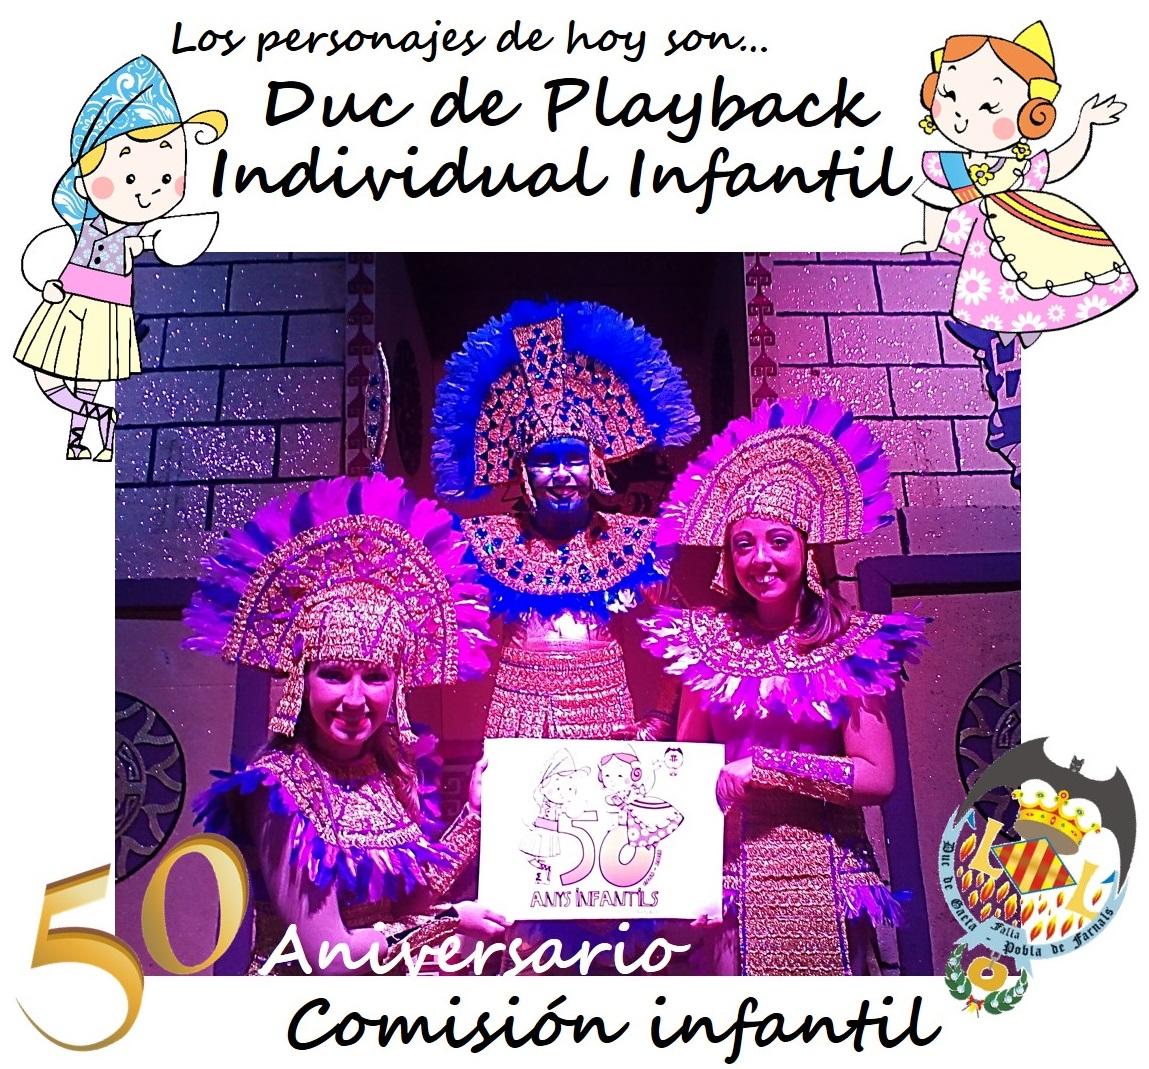 Personajes del día: Playback Infantil Individual @JCF_Valencia